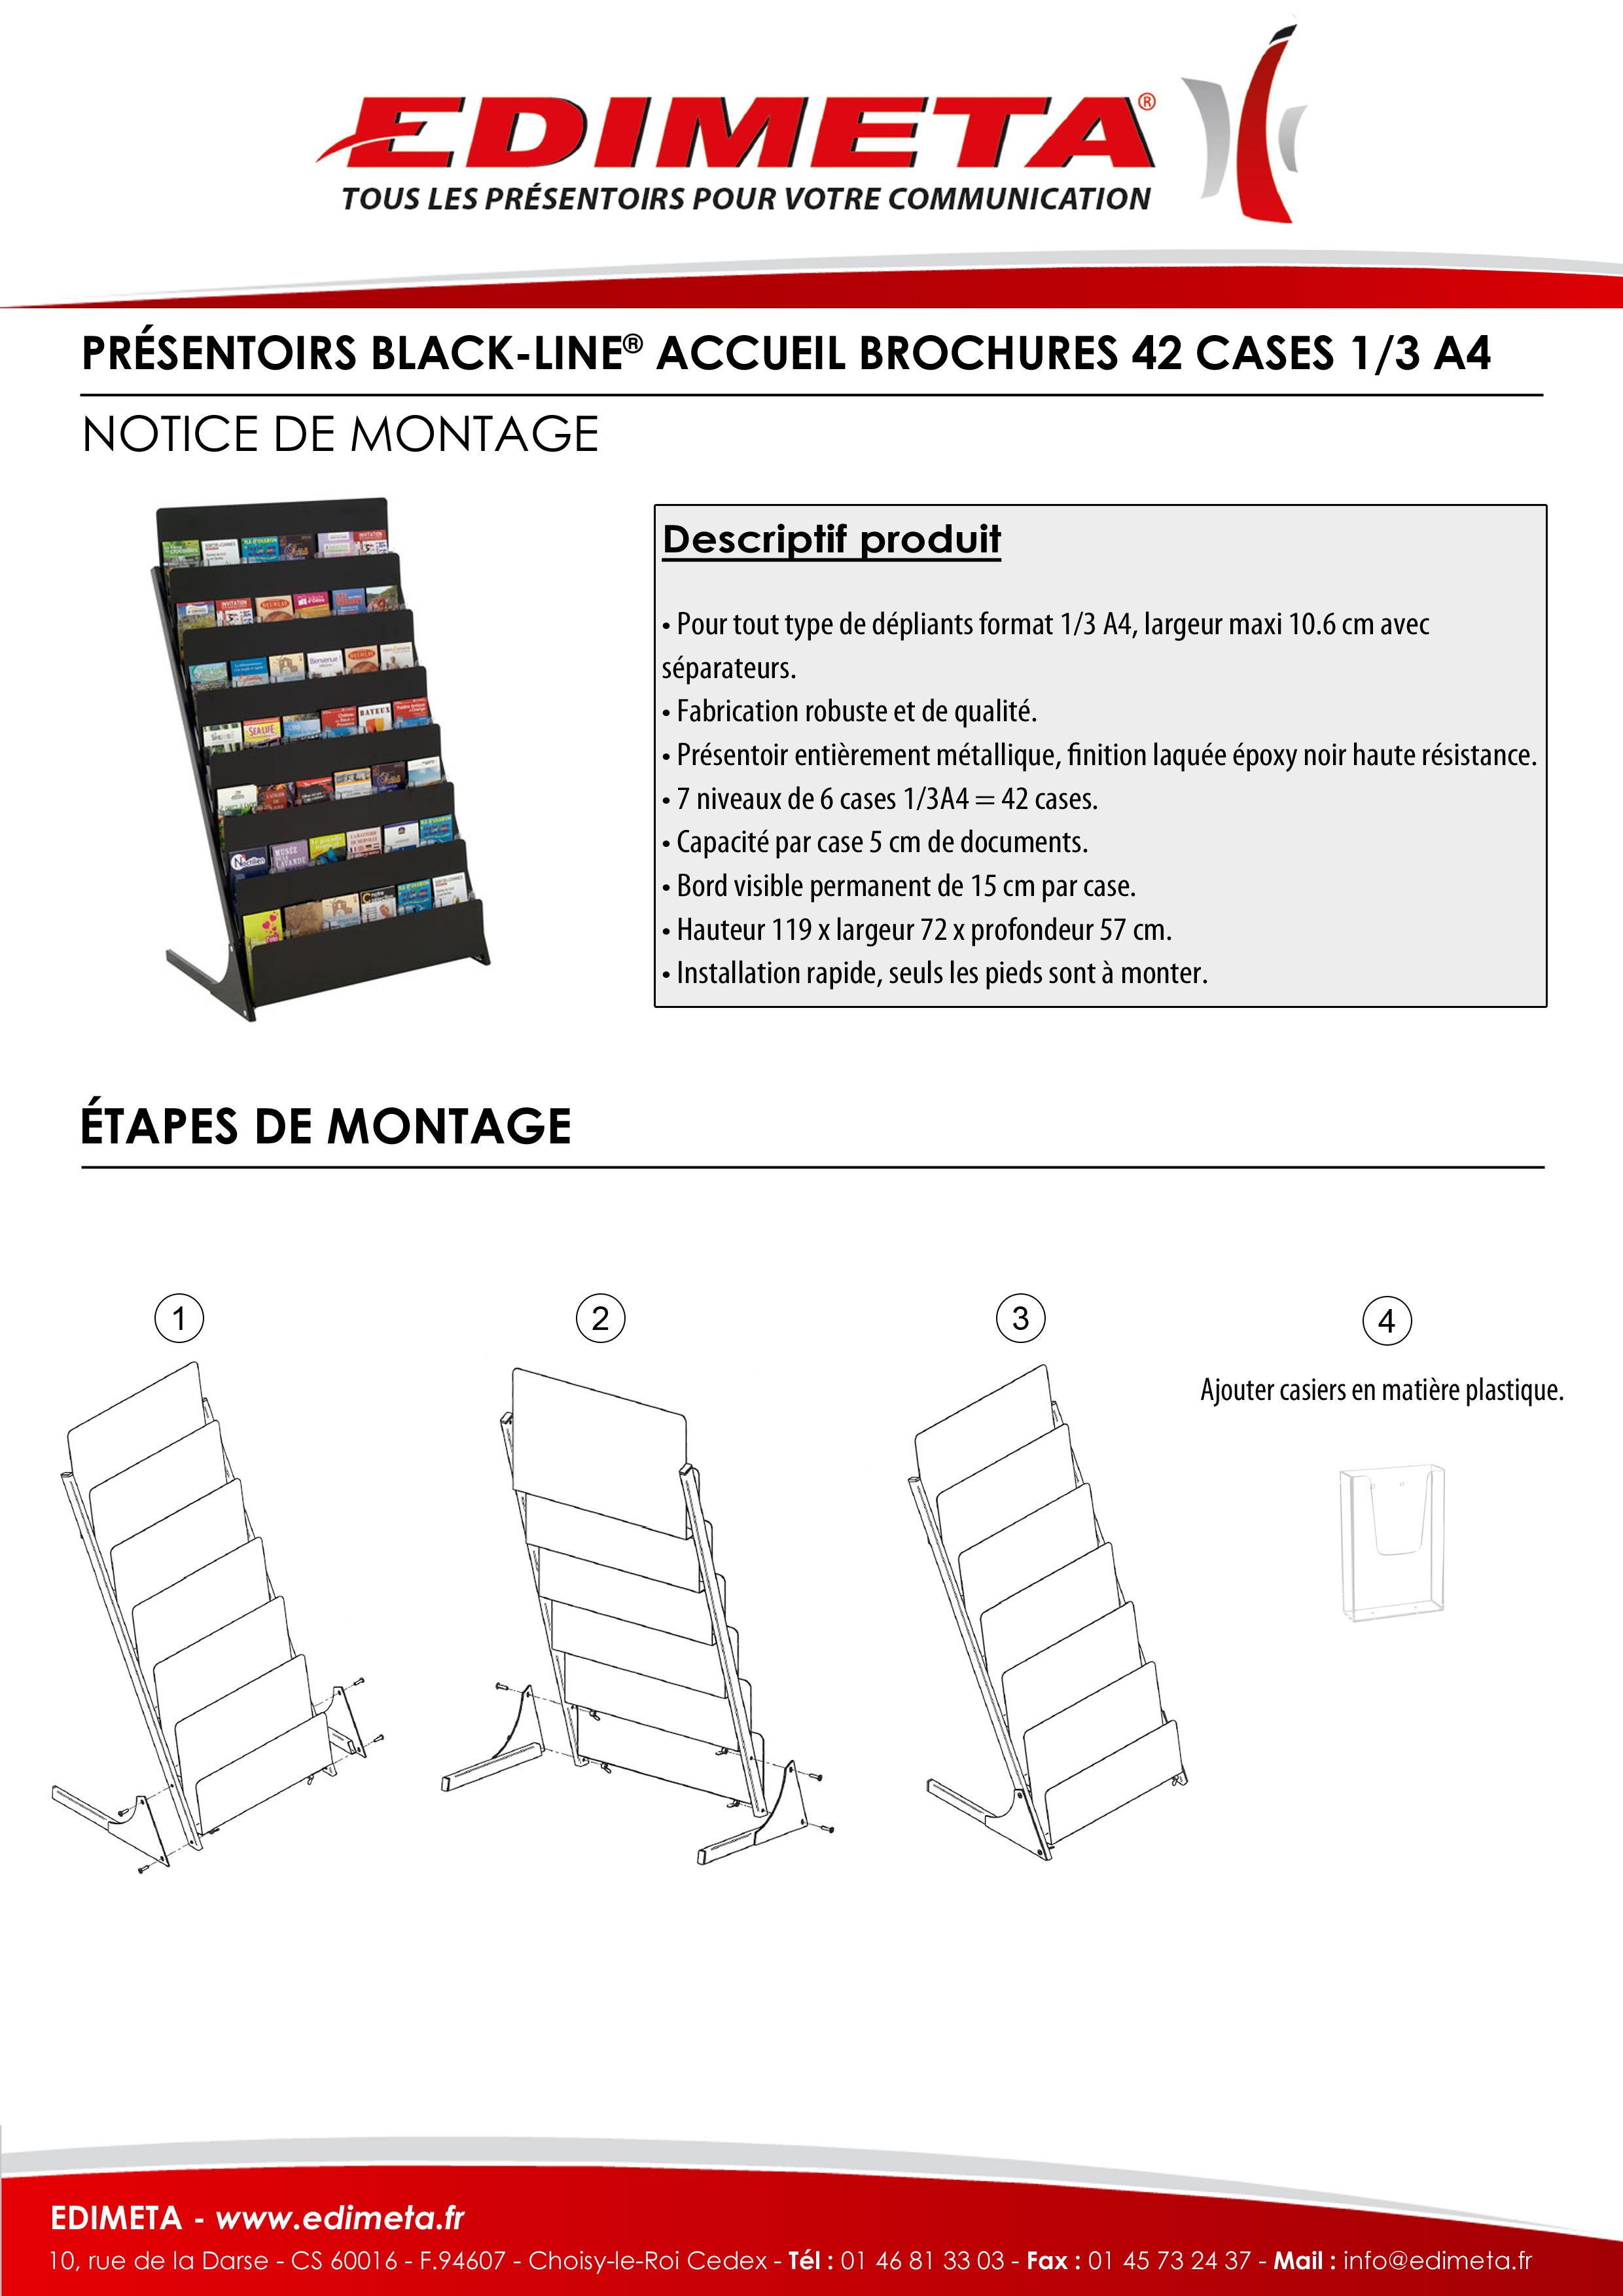 NOTICE DE MONTAGE : PRÉSENTOIRS BLACK-LINE® ACCUEIL BROCHURES 42 CASES 1/3 A4